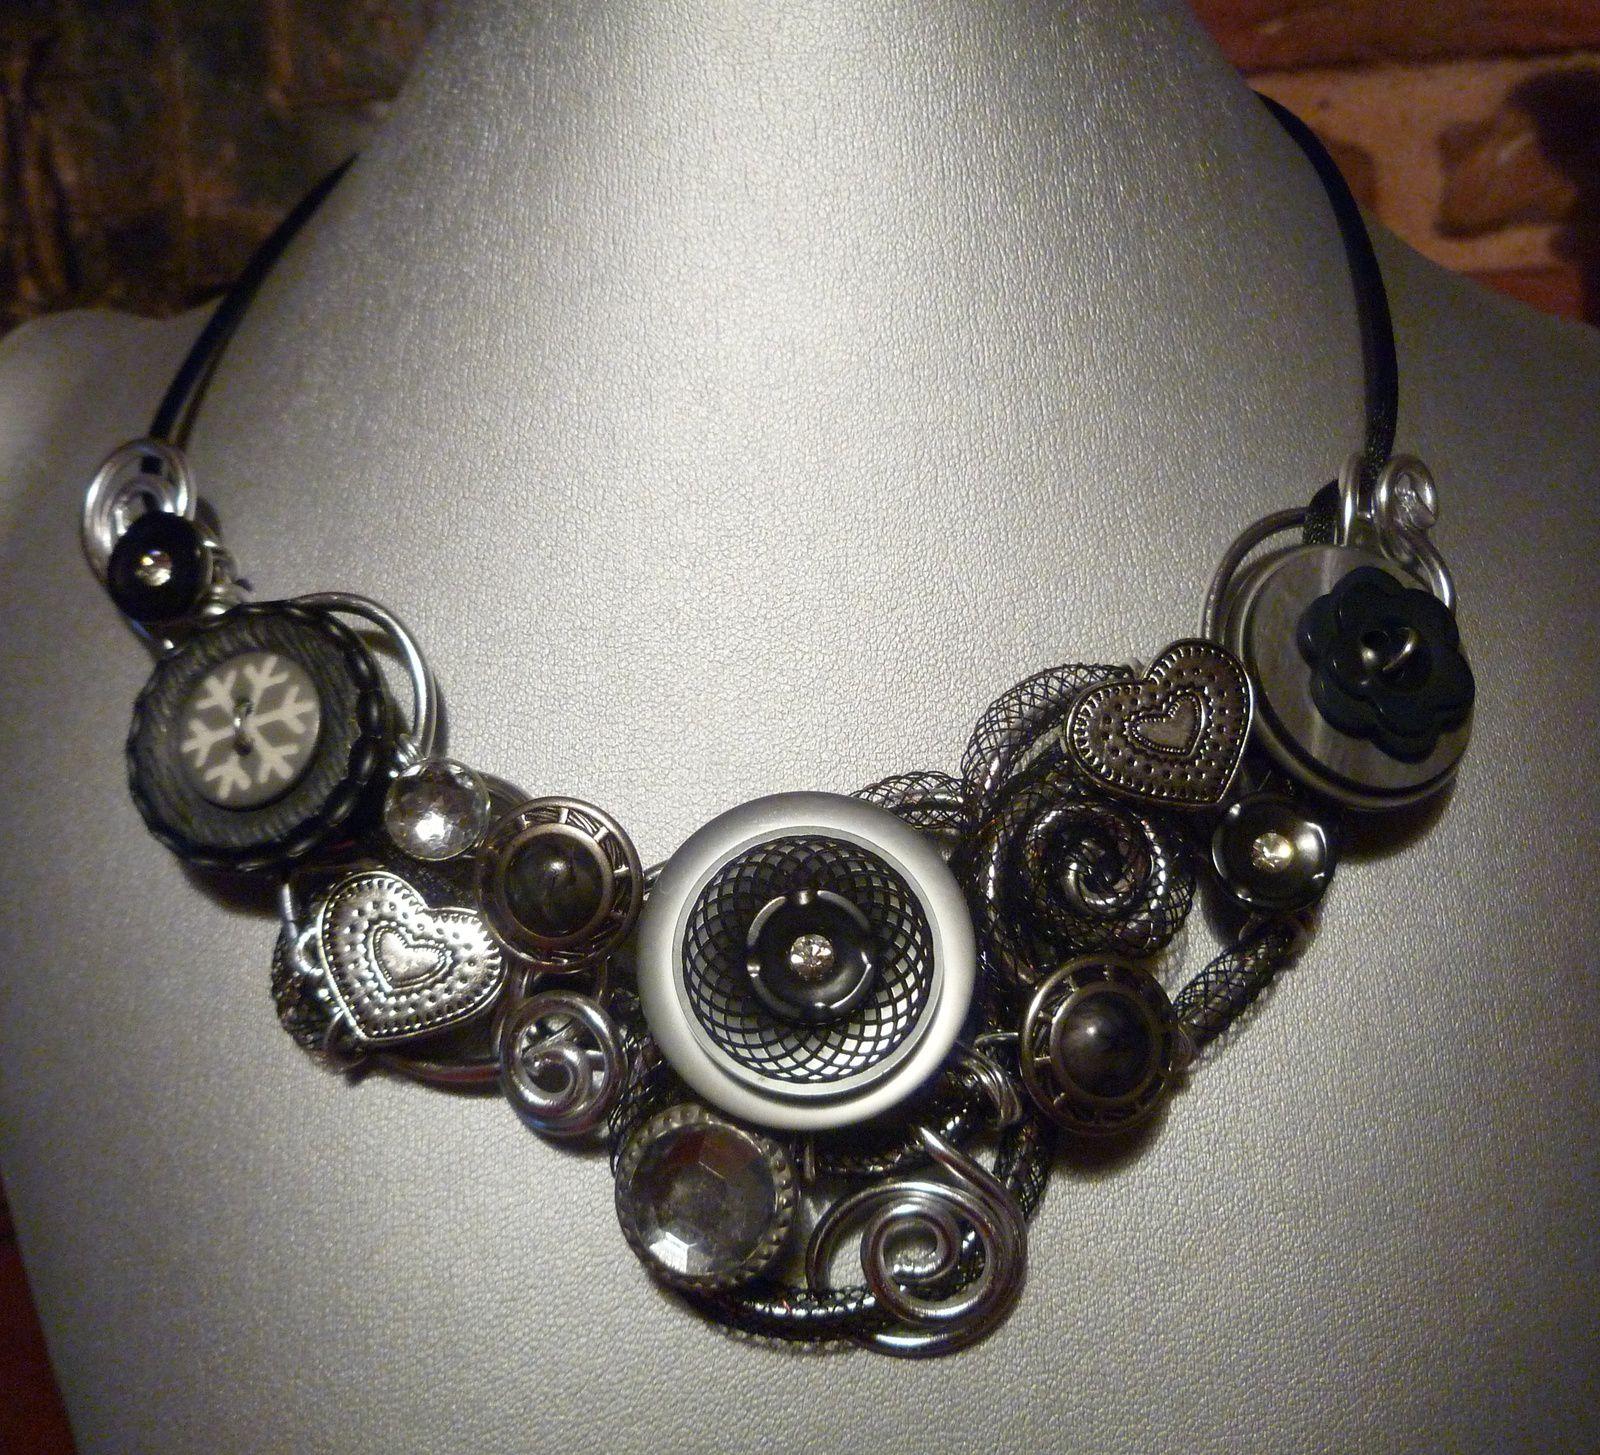 Collier en fils d'alu argent  et boutons gris pour cette élégant collier.